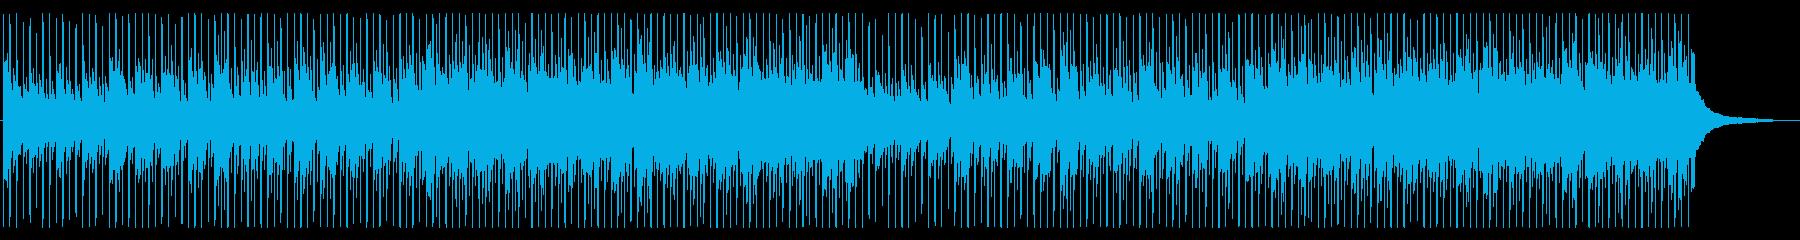 企業VPやCMに!爽やか4つ打ちピアノの再生済みの波形